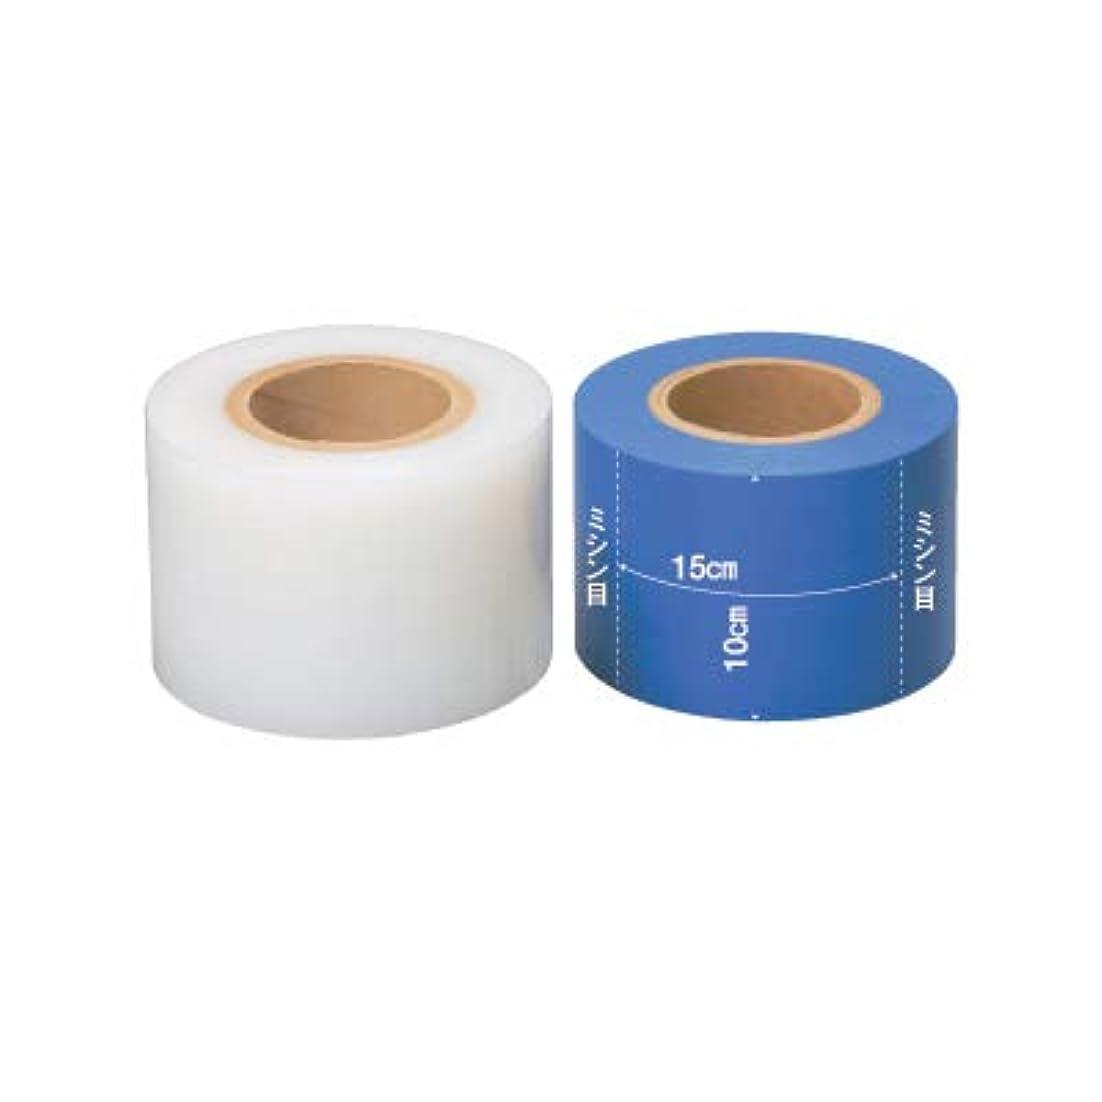 考古学的な抹消ボックス(ロータス)LOTUS バリアフィルムテープ 10cm×180m (保護用テープ ミシン目あり) (ブルー)